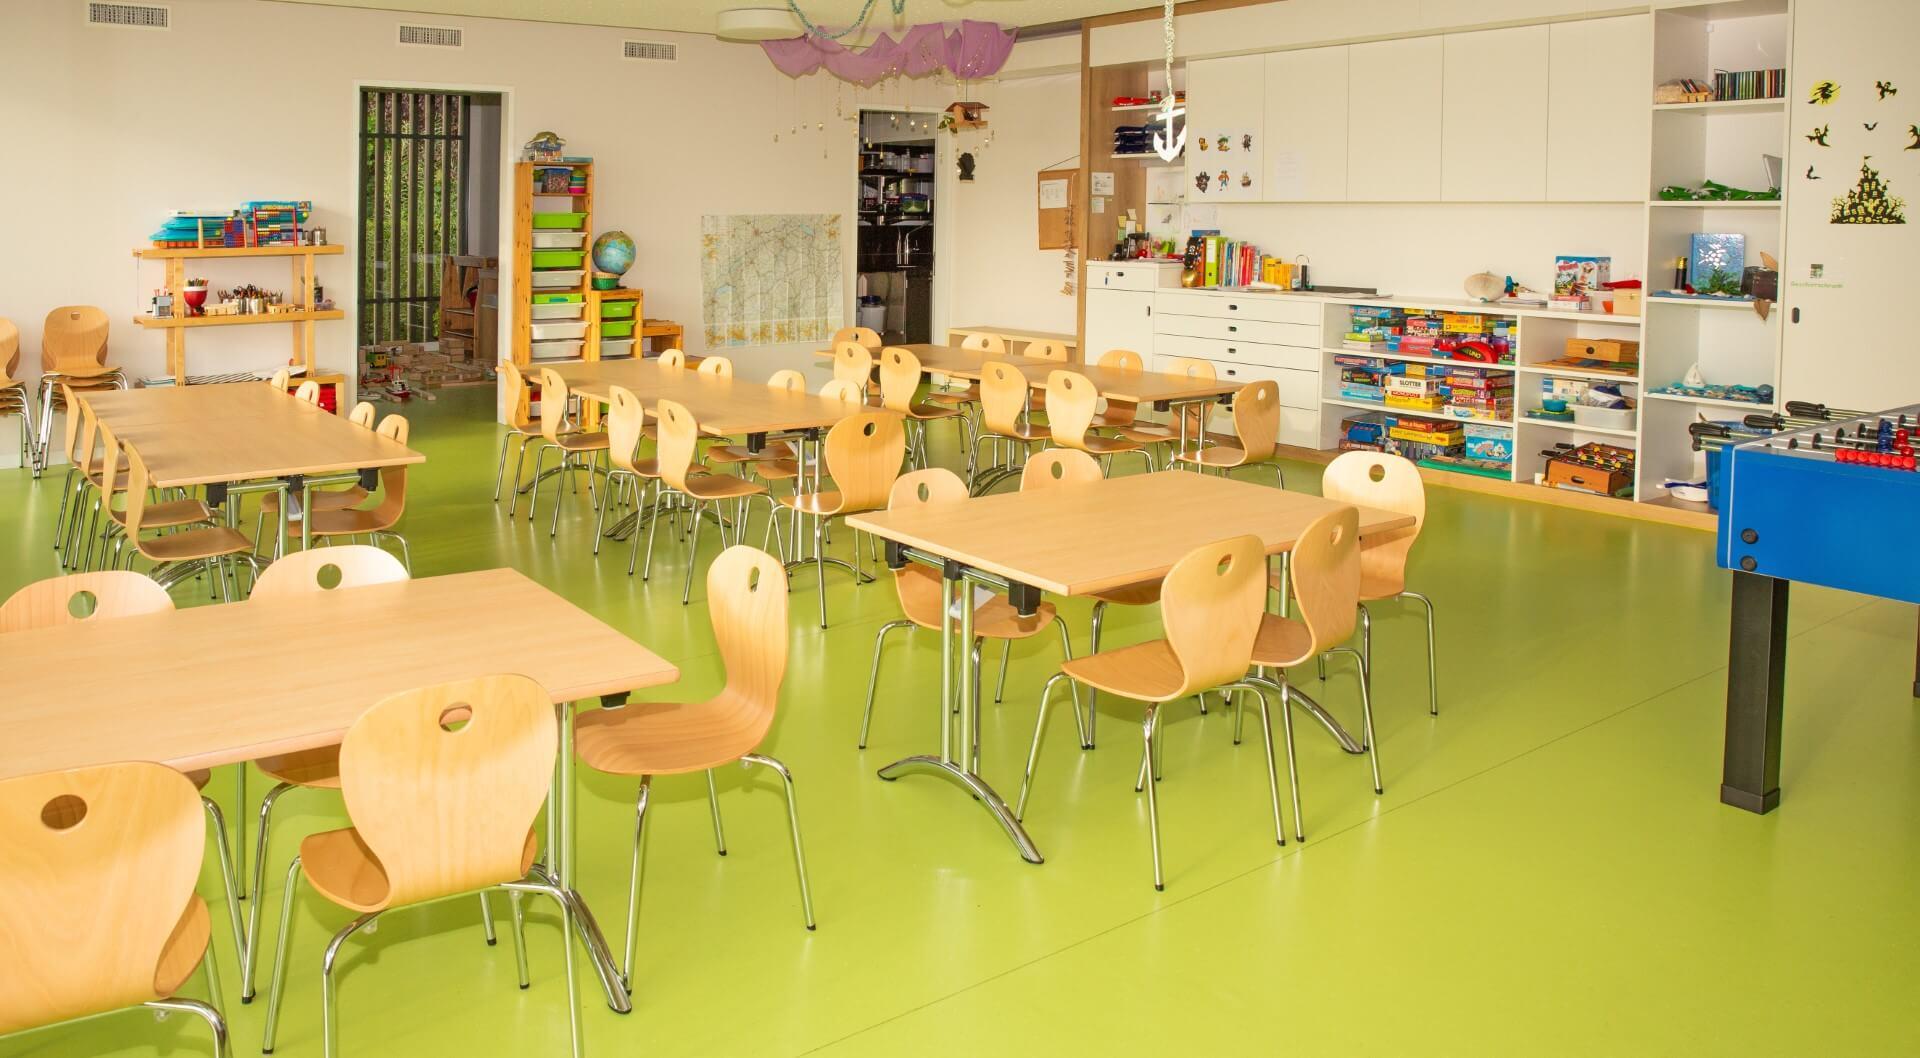 Sitzmöglichkeiten der Kiwi Kindertagesstaette in Wiesendangen